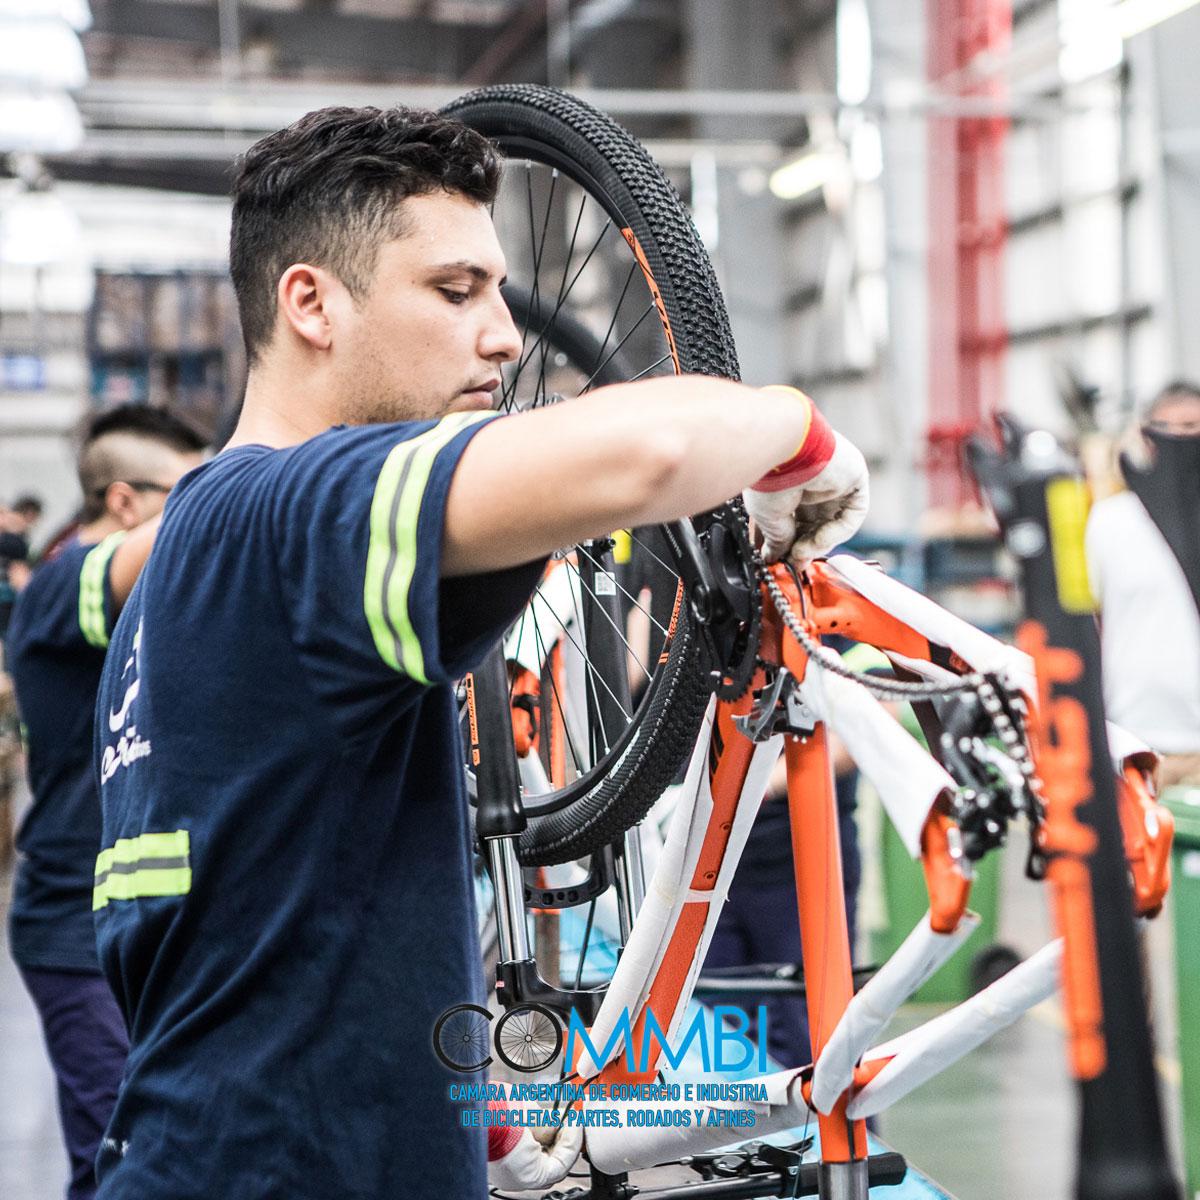 Comunicación sobre la situación actual del gremio de la bicicleta